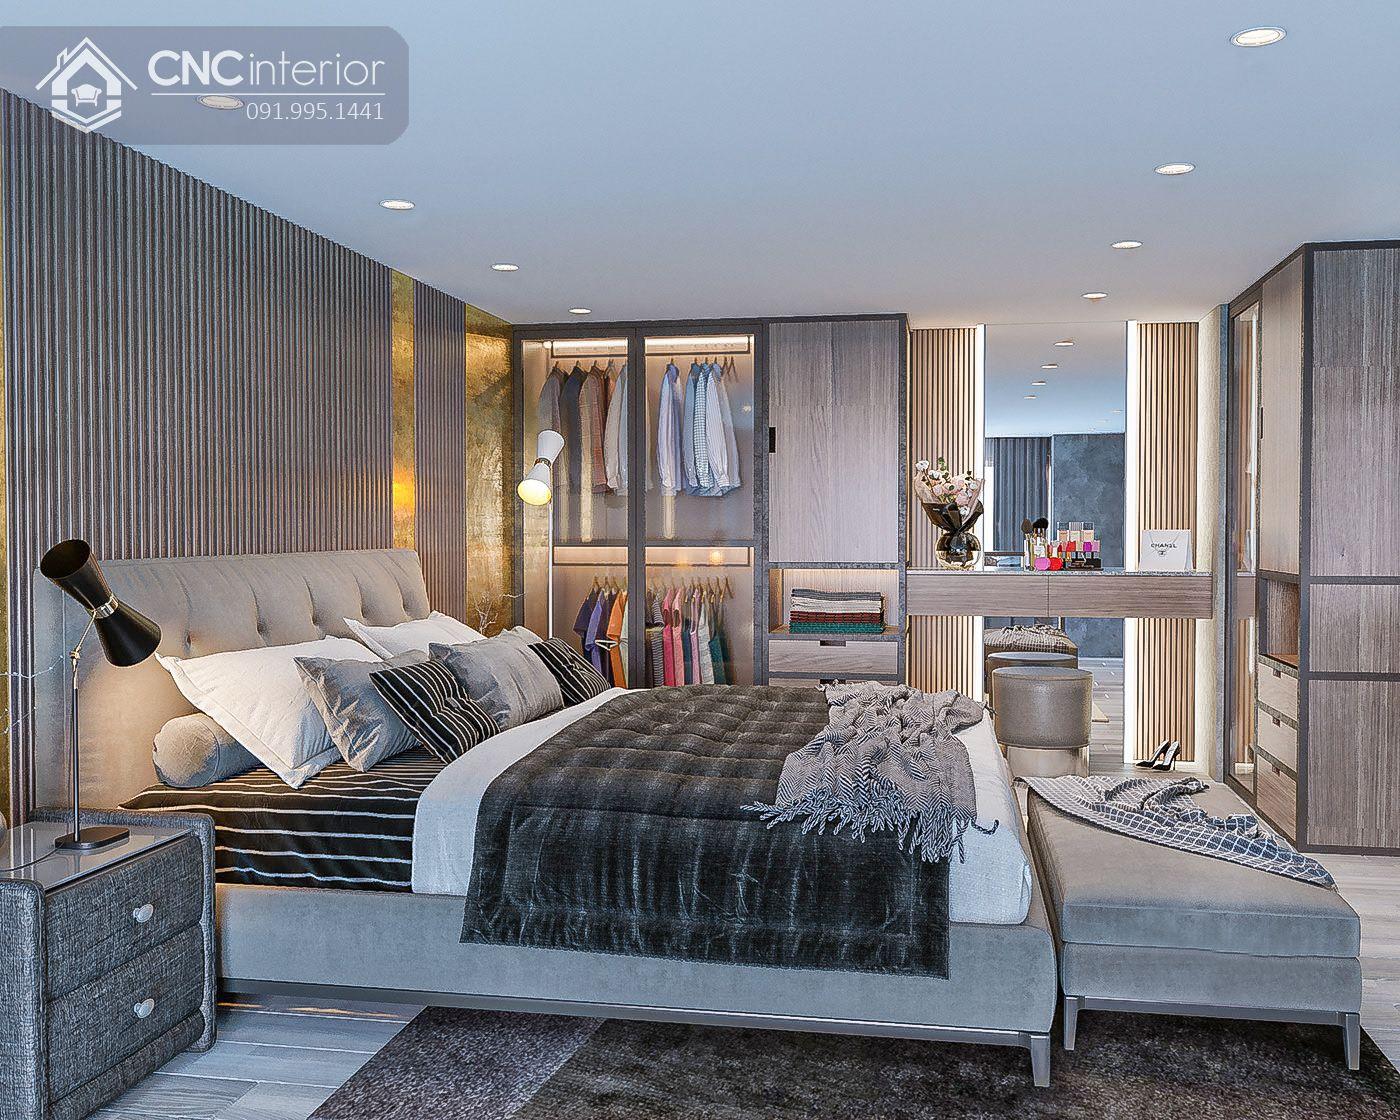 các mẫu thiết kế nội thất phòng ngủ đẹp 7